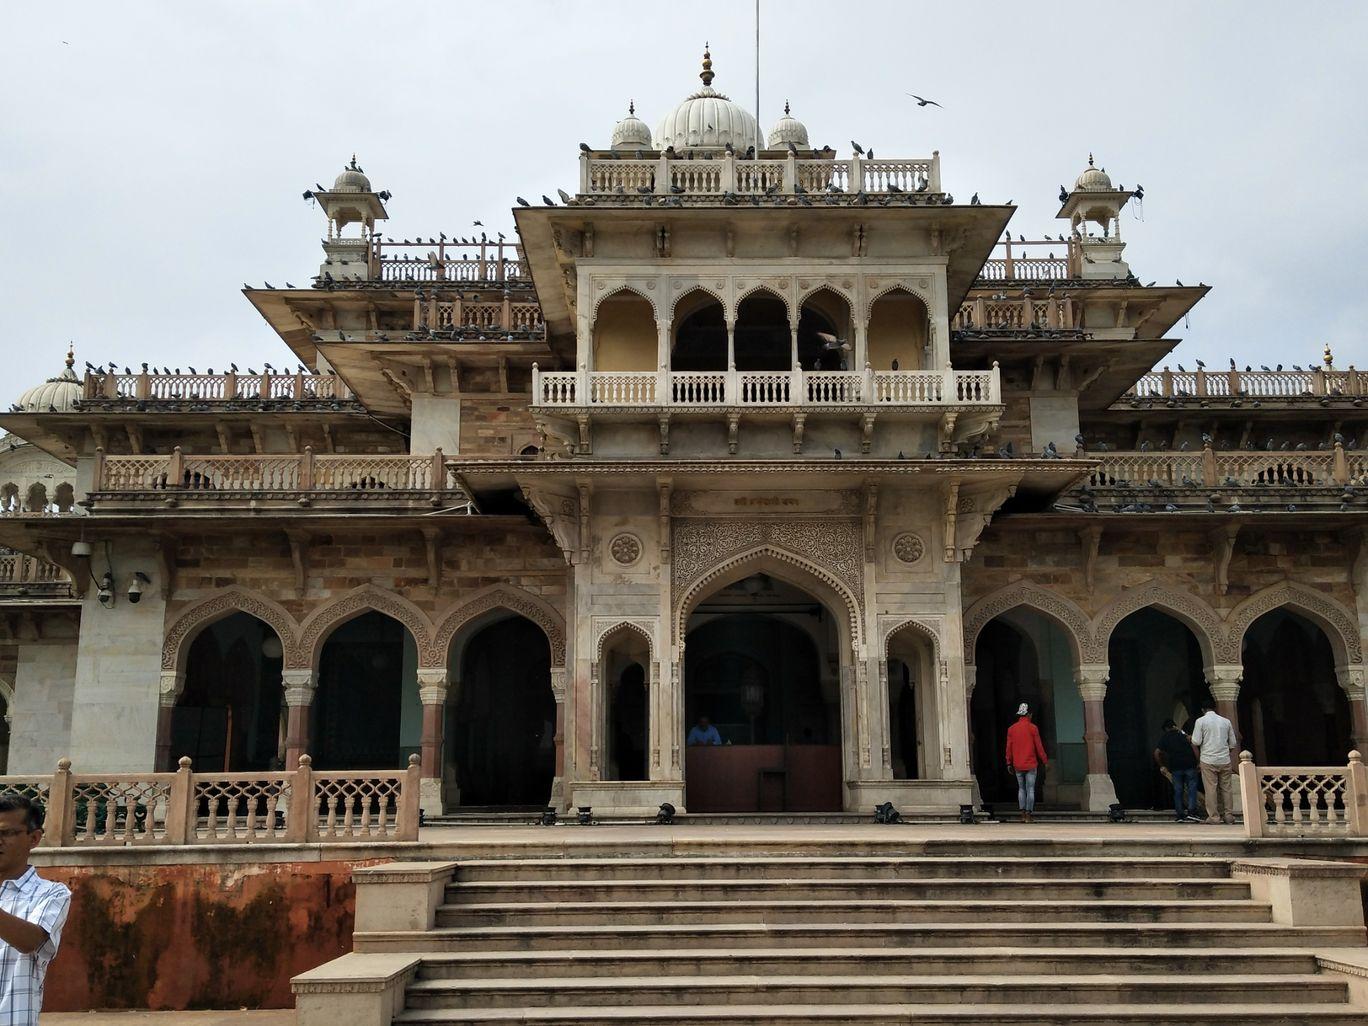 Photo of Albert Hall Museum By Mahesh Gorijavolu